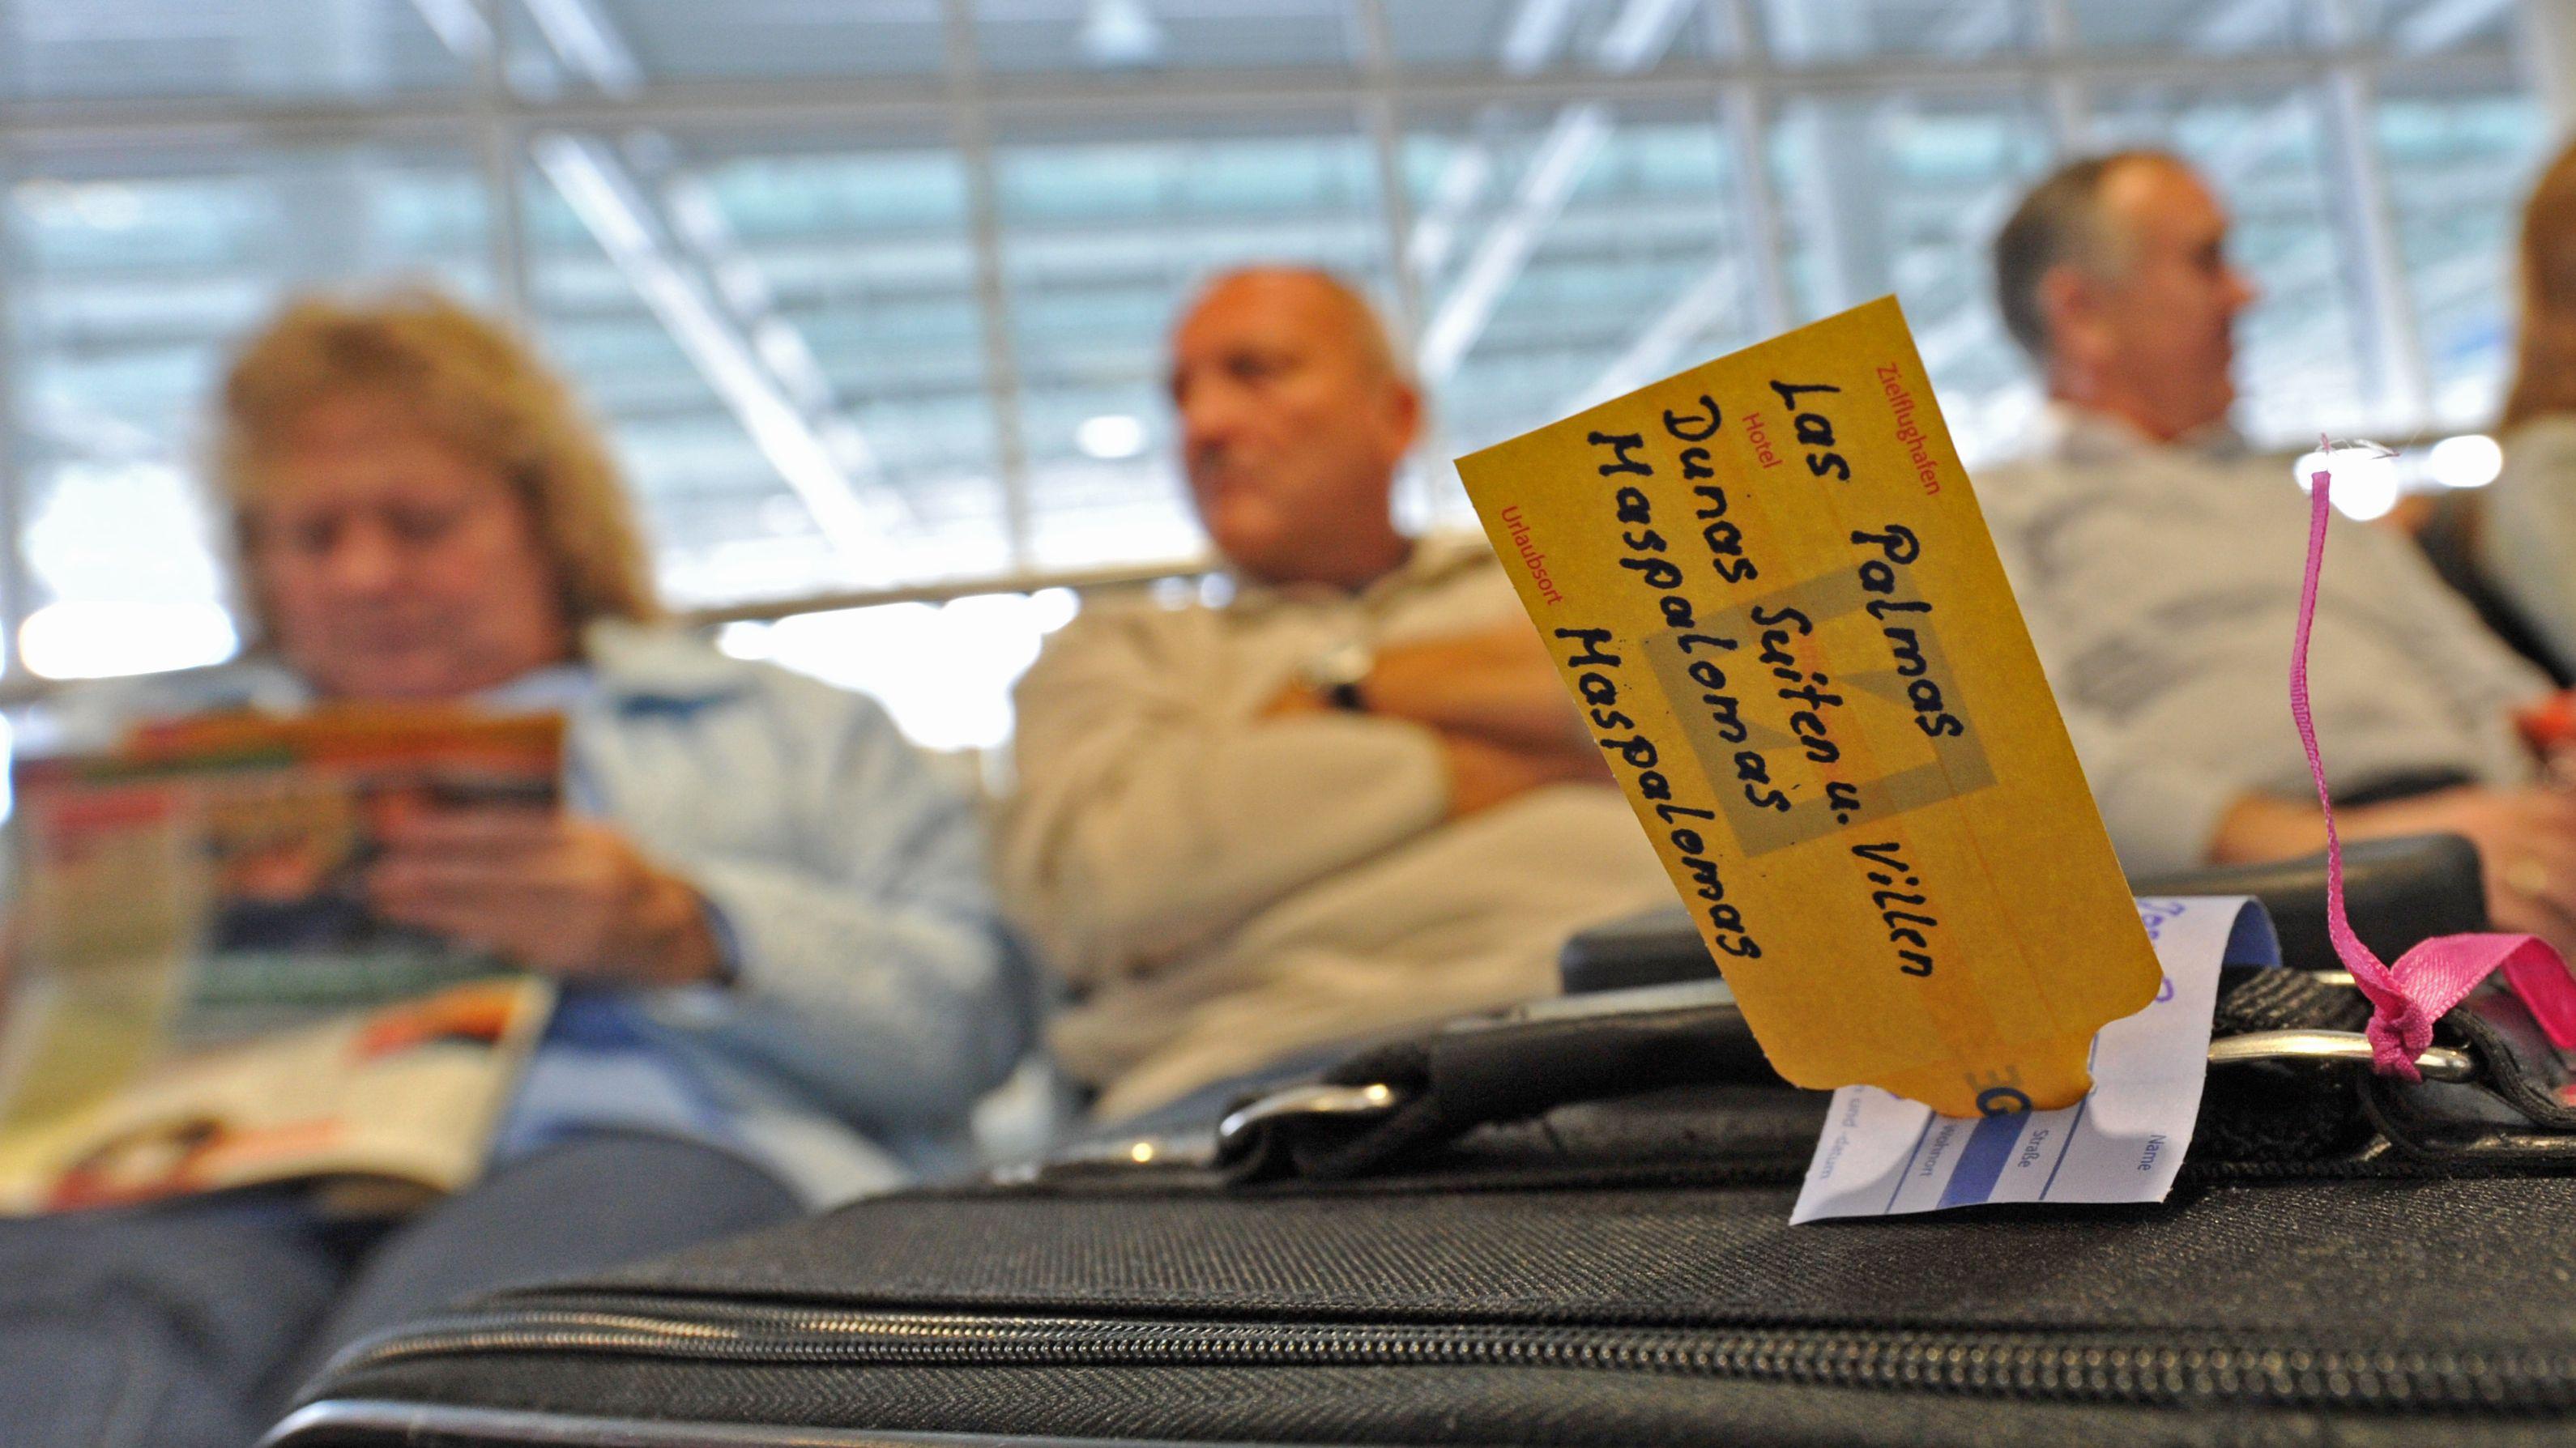 Passagiere warten am Flughafen München auf ihren Abflug